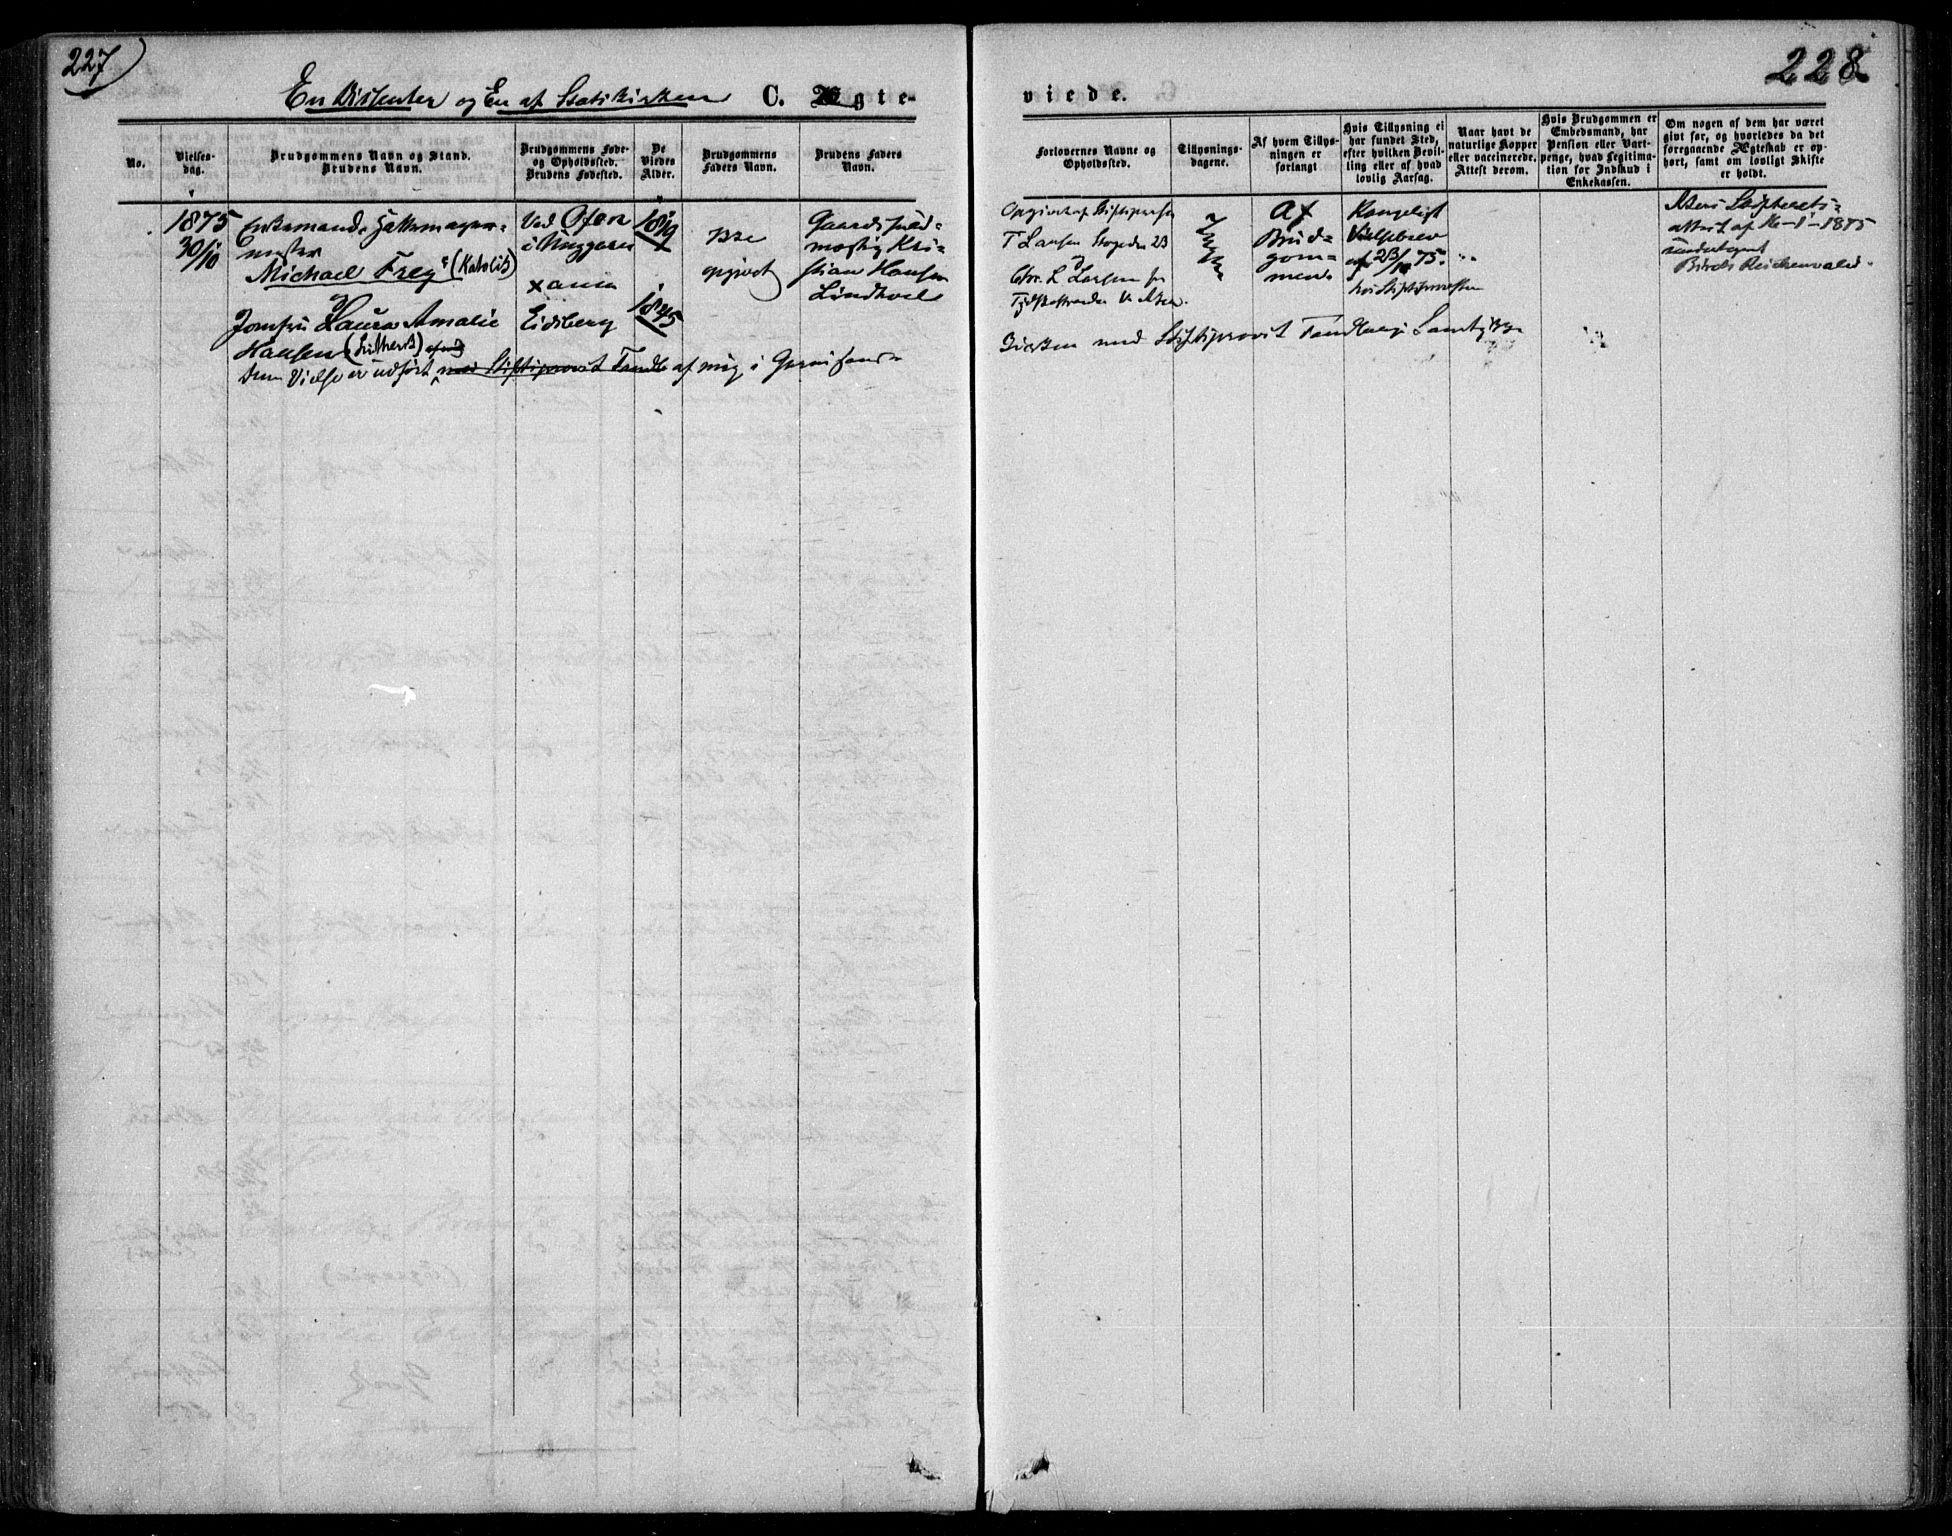 SAO, Garnisonsmenigheten Kirkebøker, F/Fa/L0011: Ministerialbok nr. 11, 1870-1880, s. 228